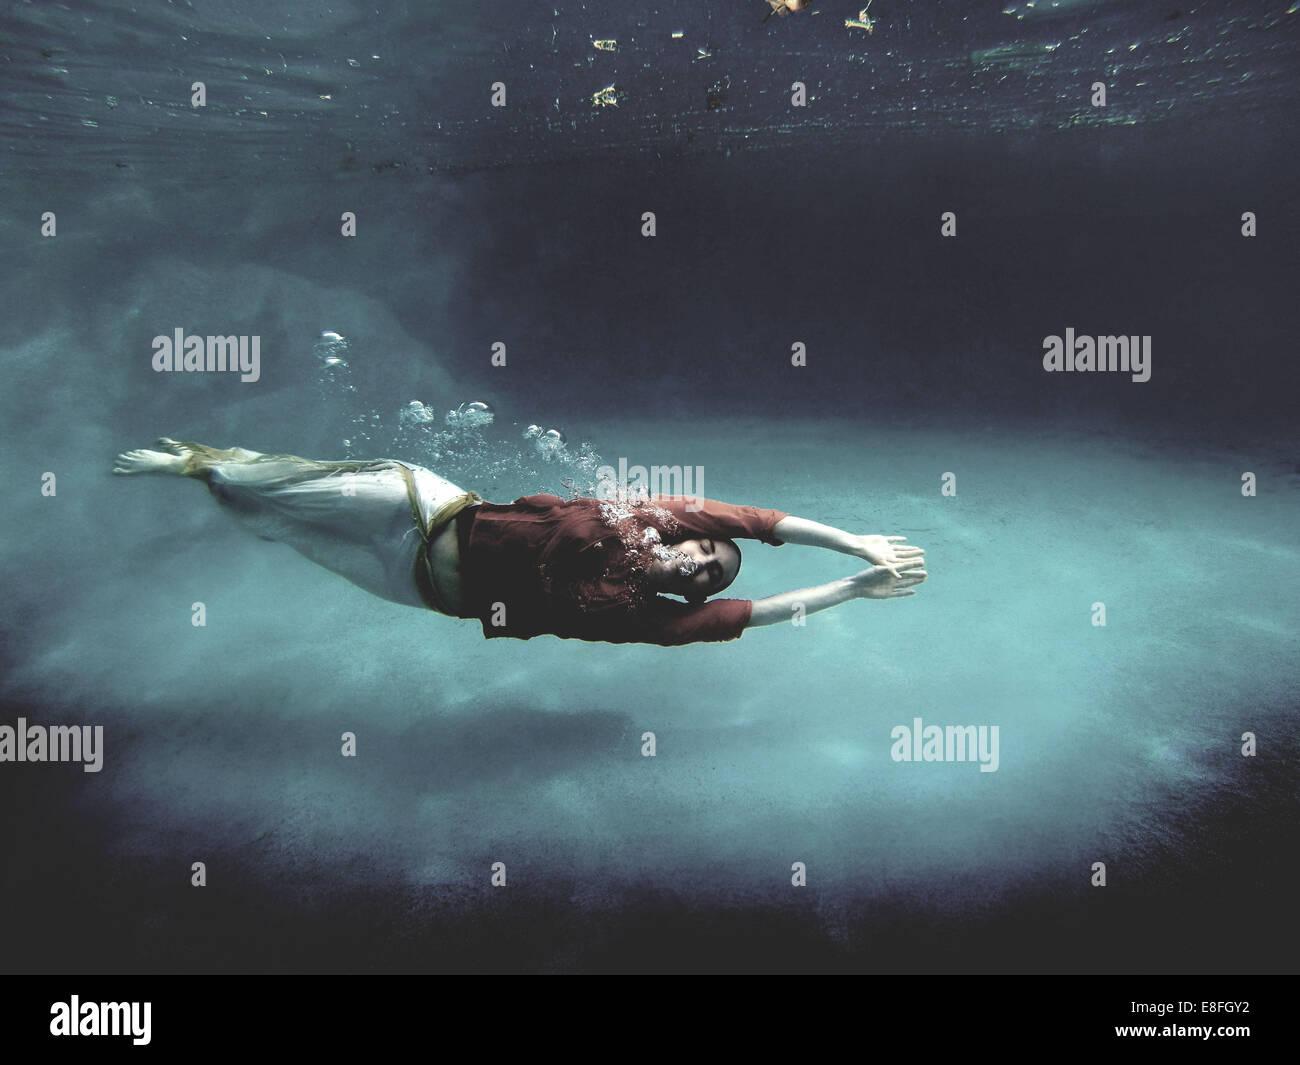 Mujer de natación subacuática vestida completamente Imagen De Stock